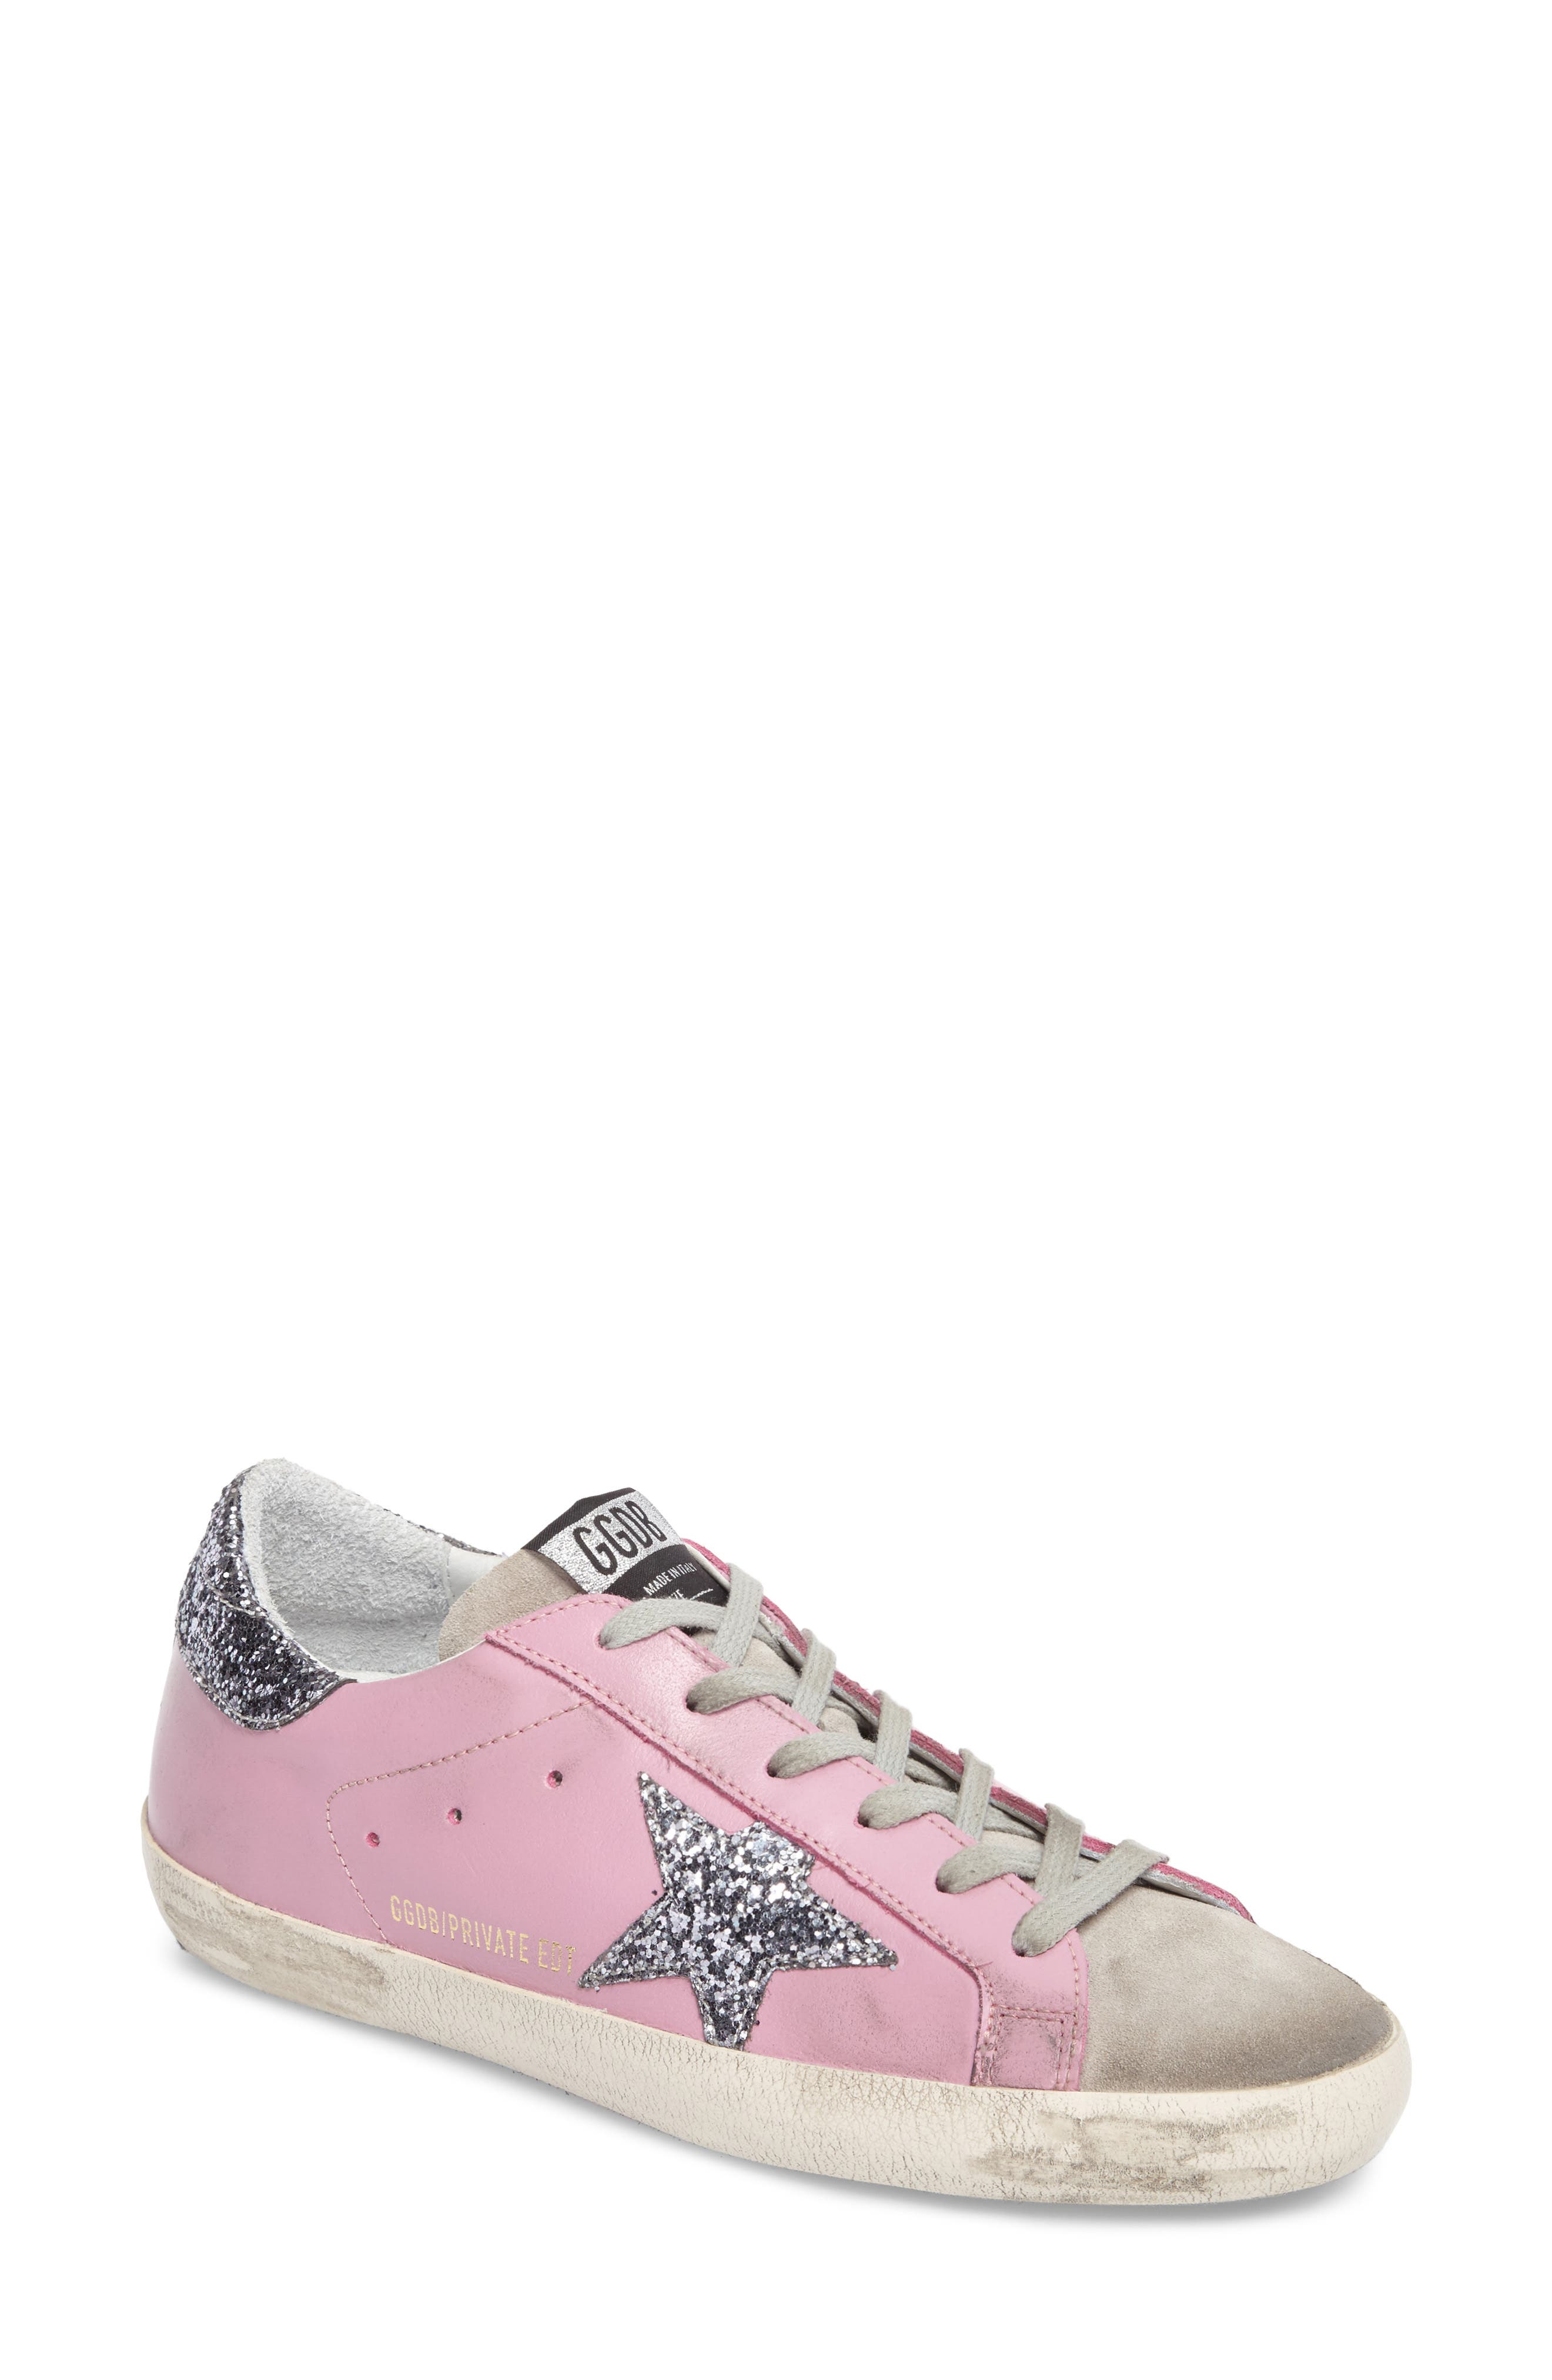 Superstar Low Top Sneaker,                         Main,                         color, Pink/ Grey